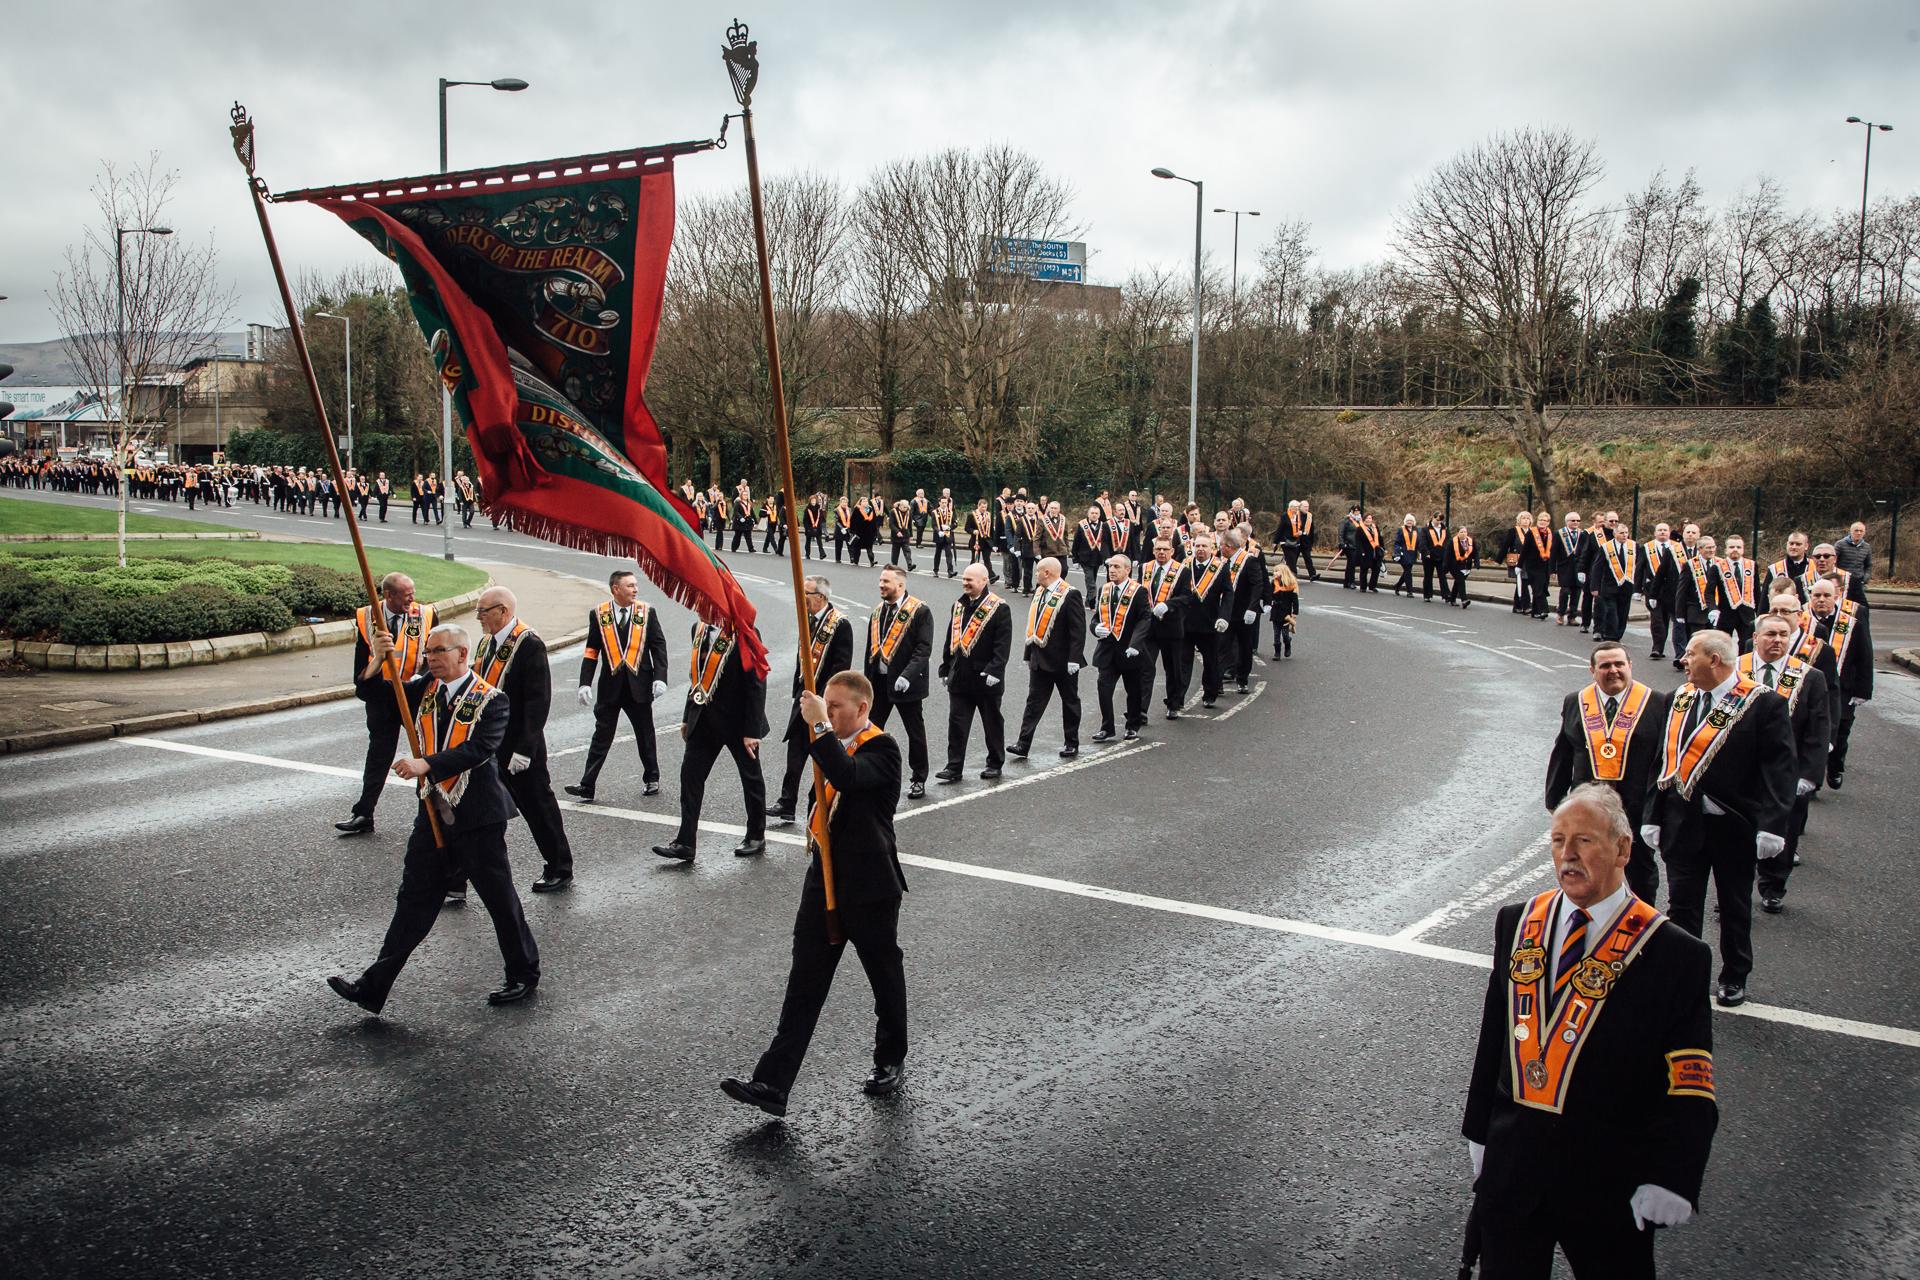 Belfast, le 25 février 2017. Parade orangiste dans le centre de Belfast. Ces parades sont régulièrement organisées par les loyalistes protestants.